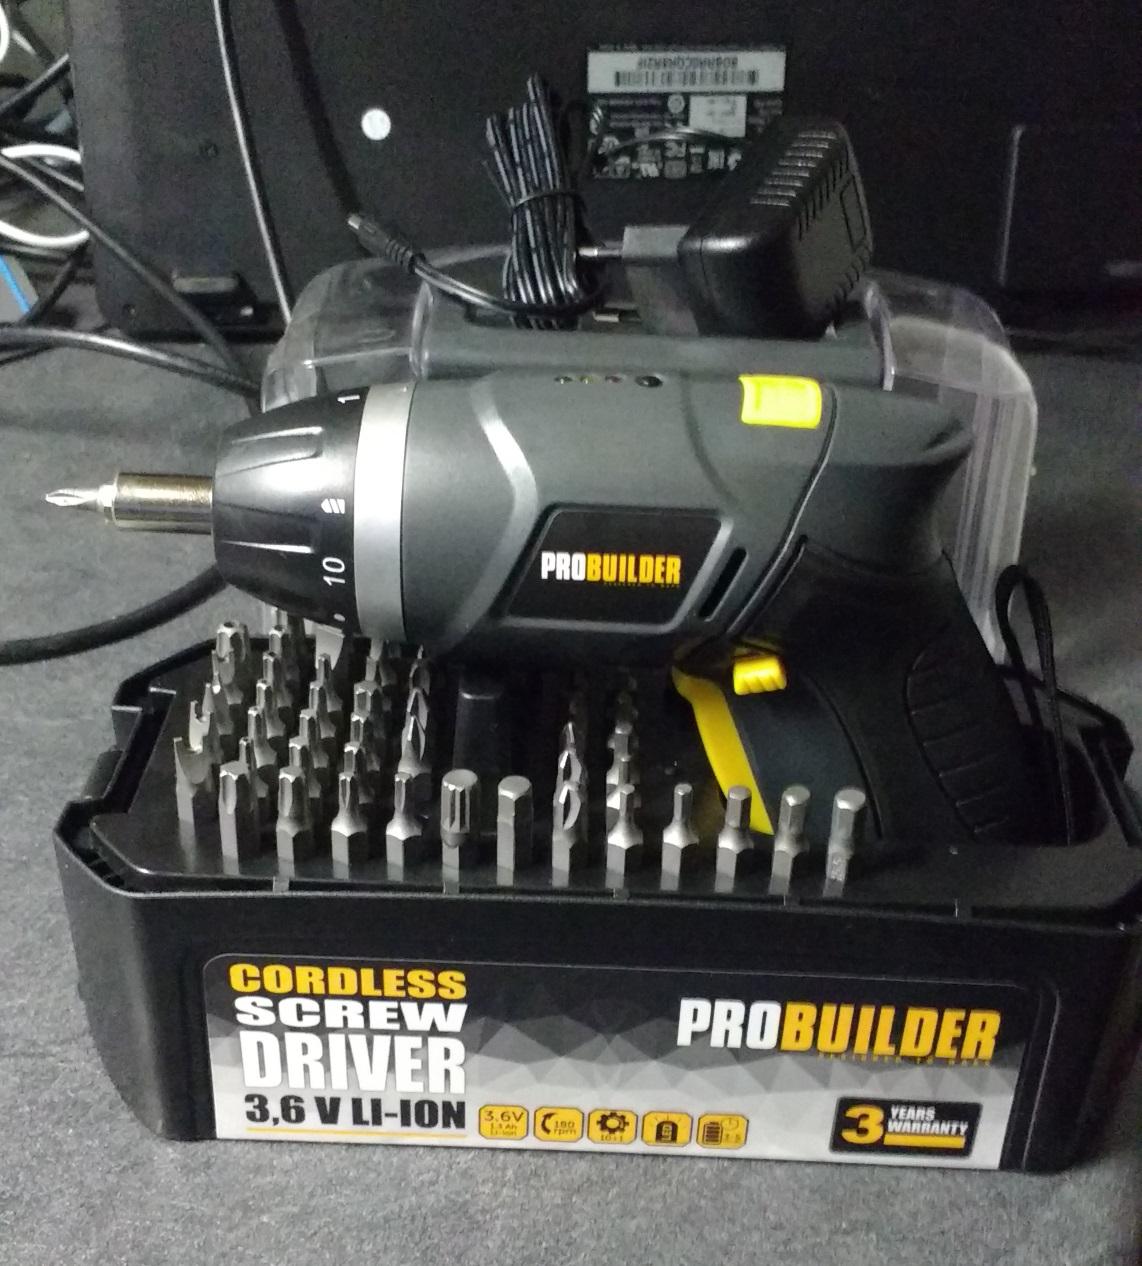 Visseuse/Dévisseuse électrique rechargeable Probuilder - Saintes (17)